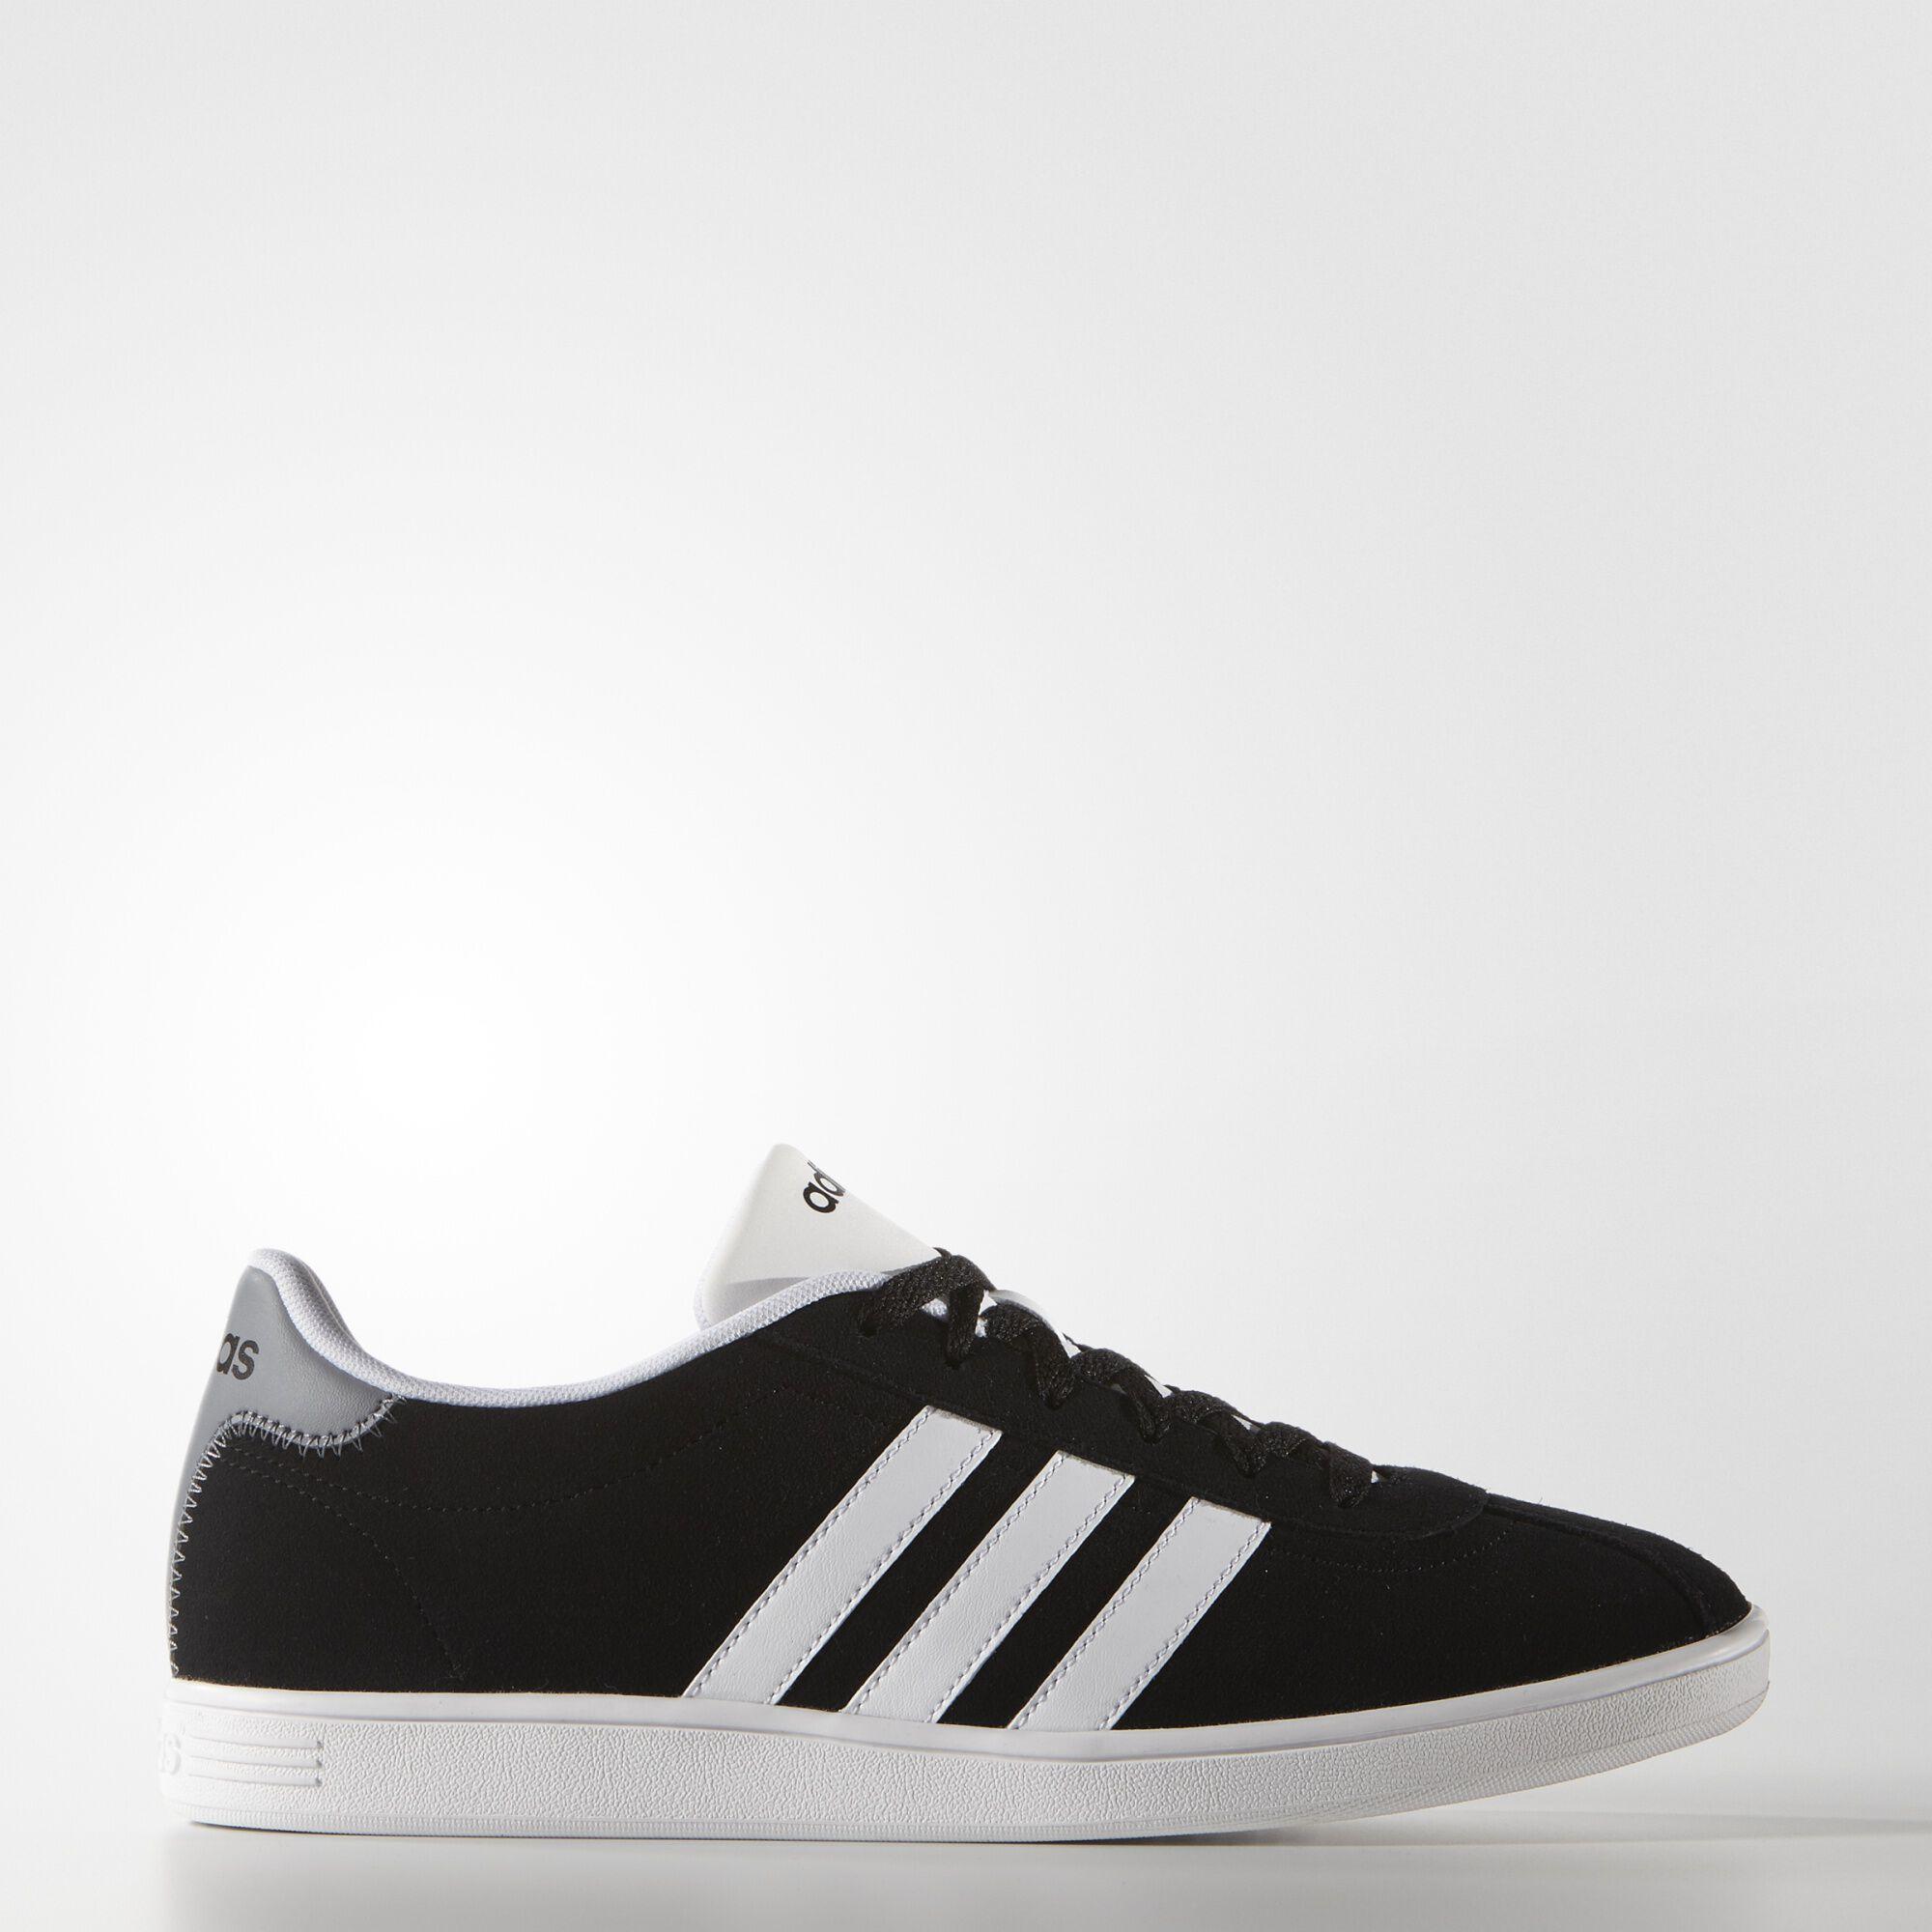 adidas vl court shoes black adidas uk. Black Bedroom Furniture Sets. Home Design Ideas